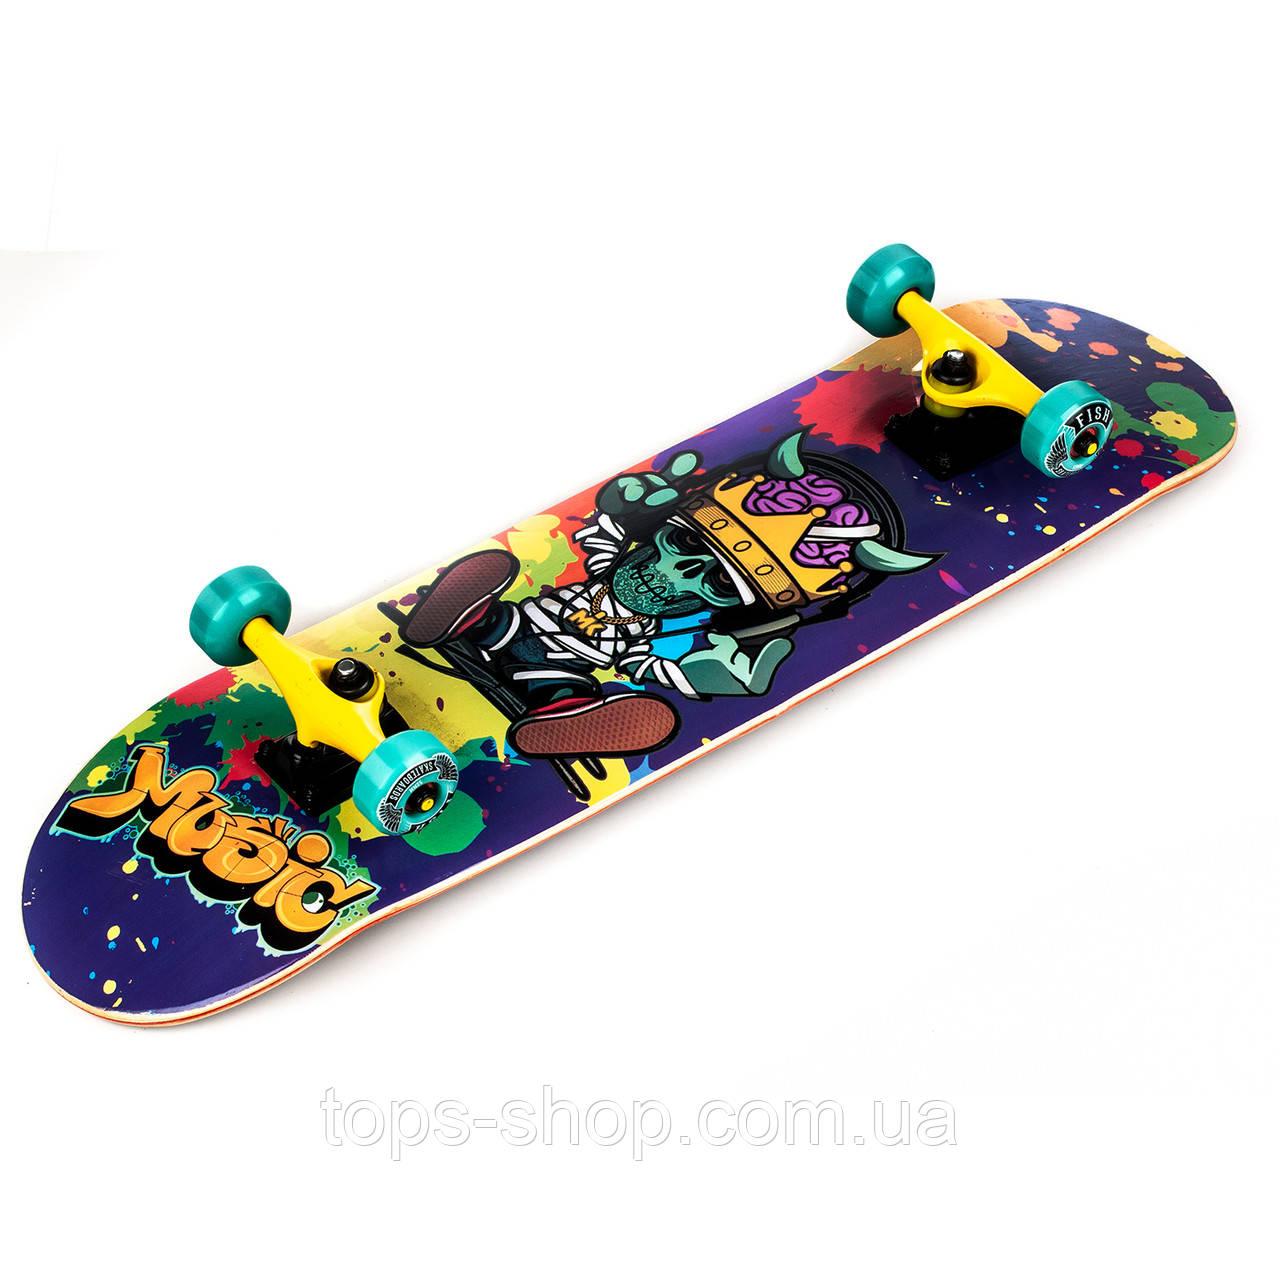 Скейт дерев'яний, Скейтборд, натуральний канадський клен, для трюків, Fish Skateboards Music, преміум!!!